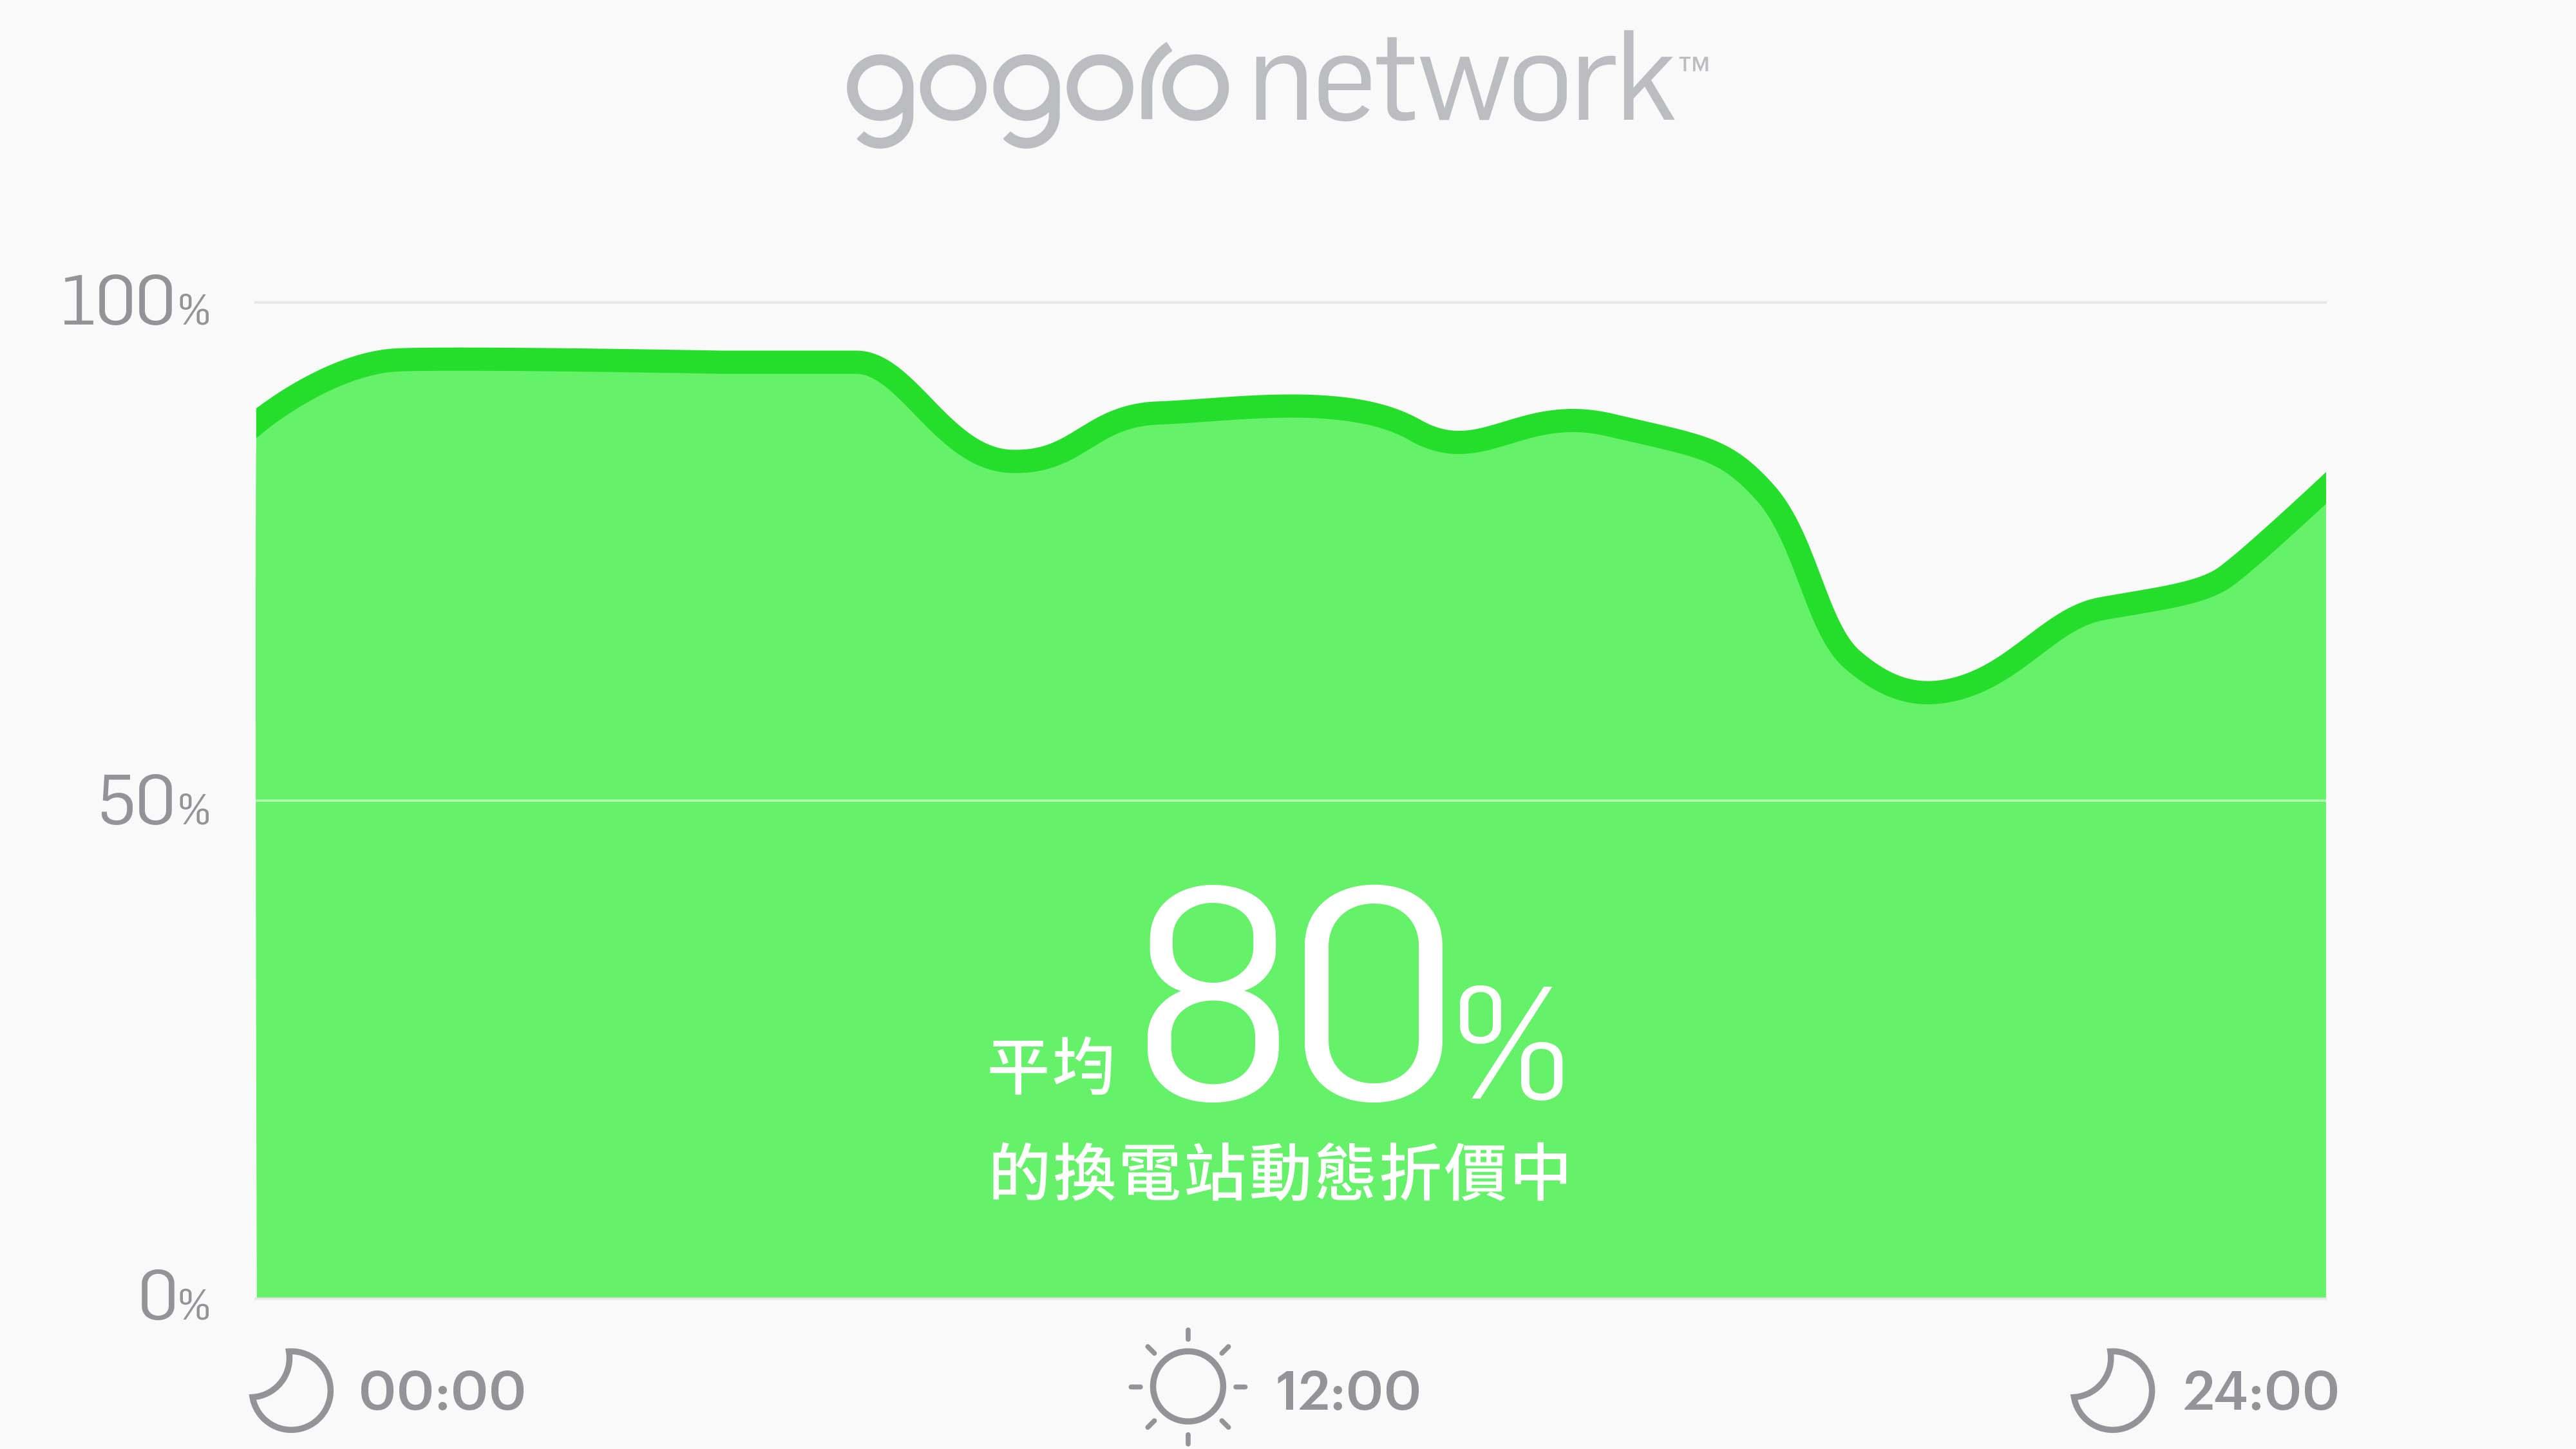 換電習慣小改變大省錢,Gogoro Network 自由省方案「照三餐」釋出動態折扣!